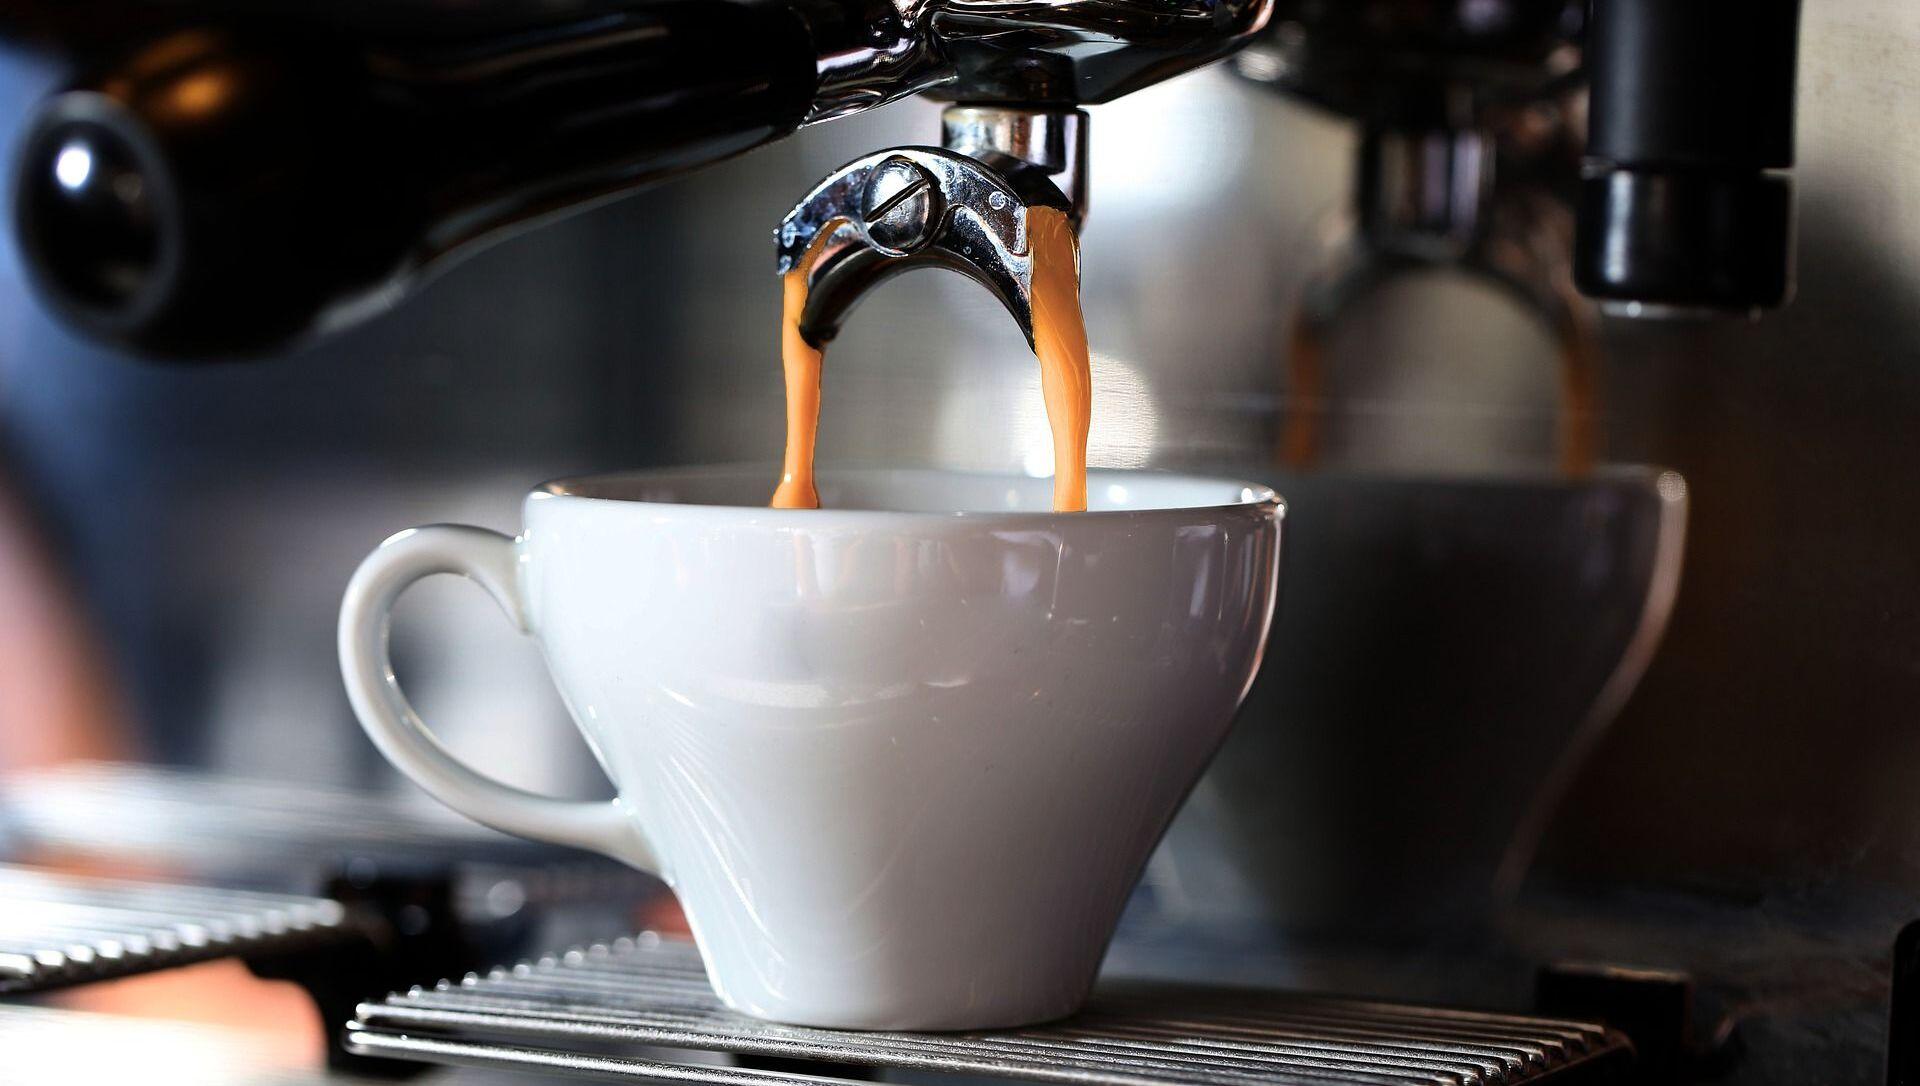 コーヒー - Sputnik 日本, 1920, 02.05.2021